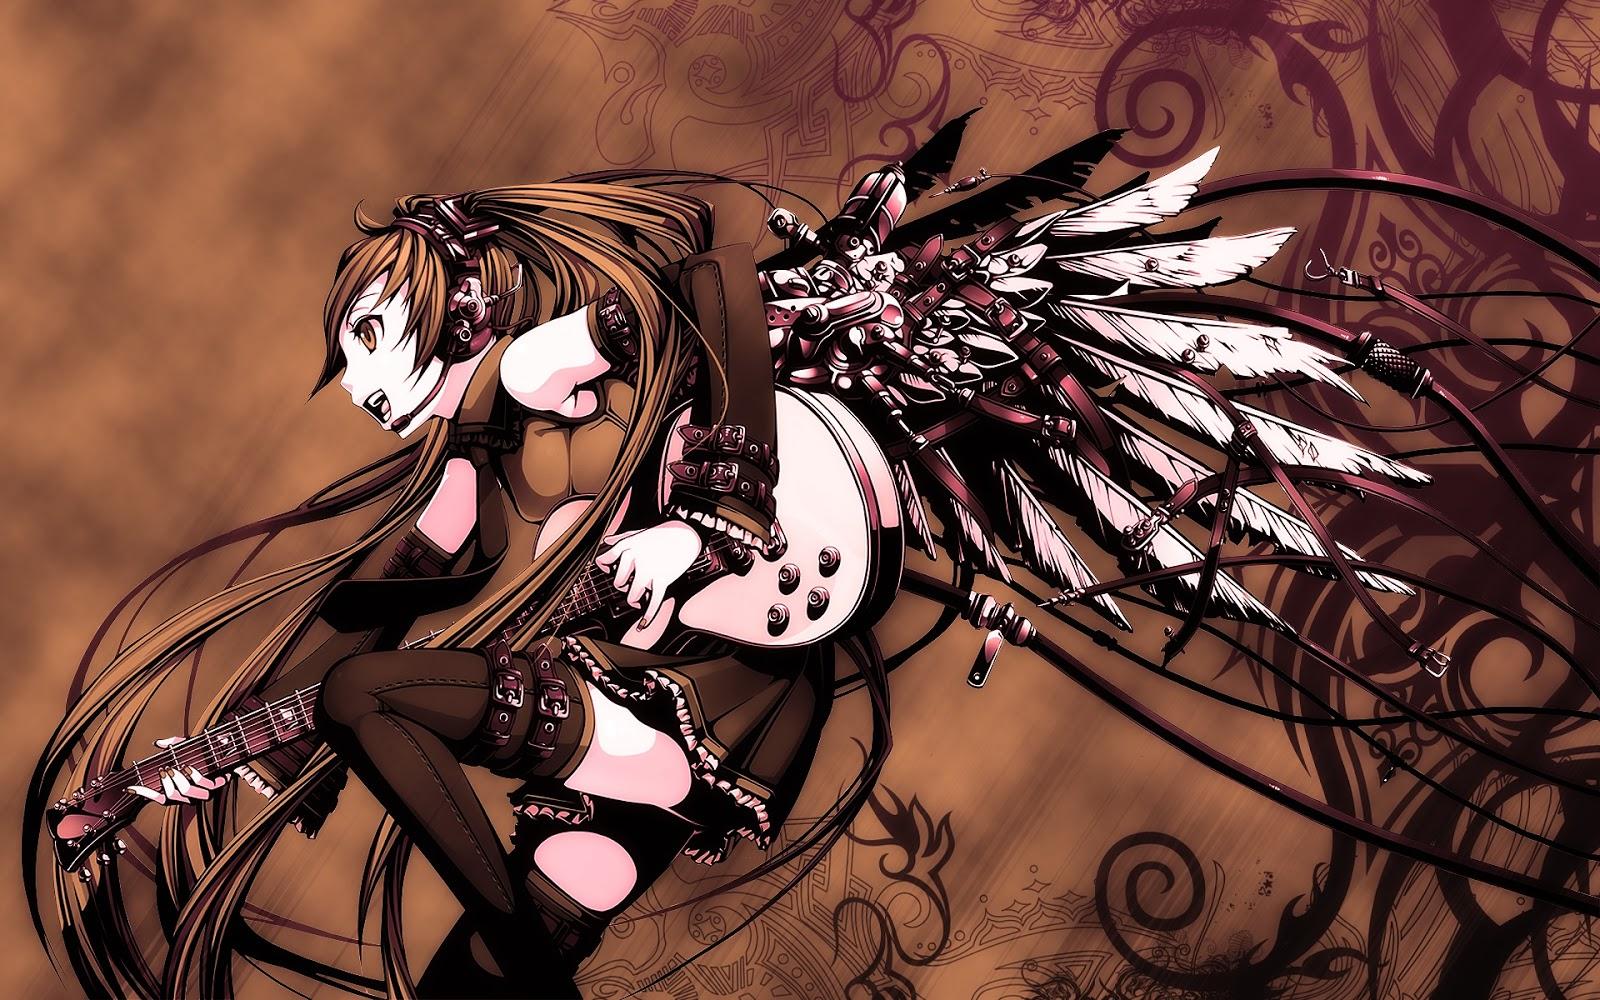 Anime wallpapers best anime wallpaper - Best anime images website ...